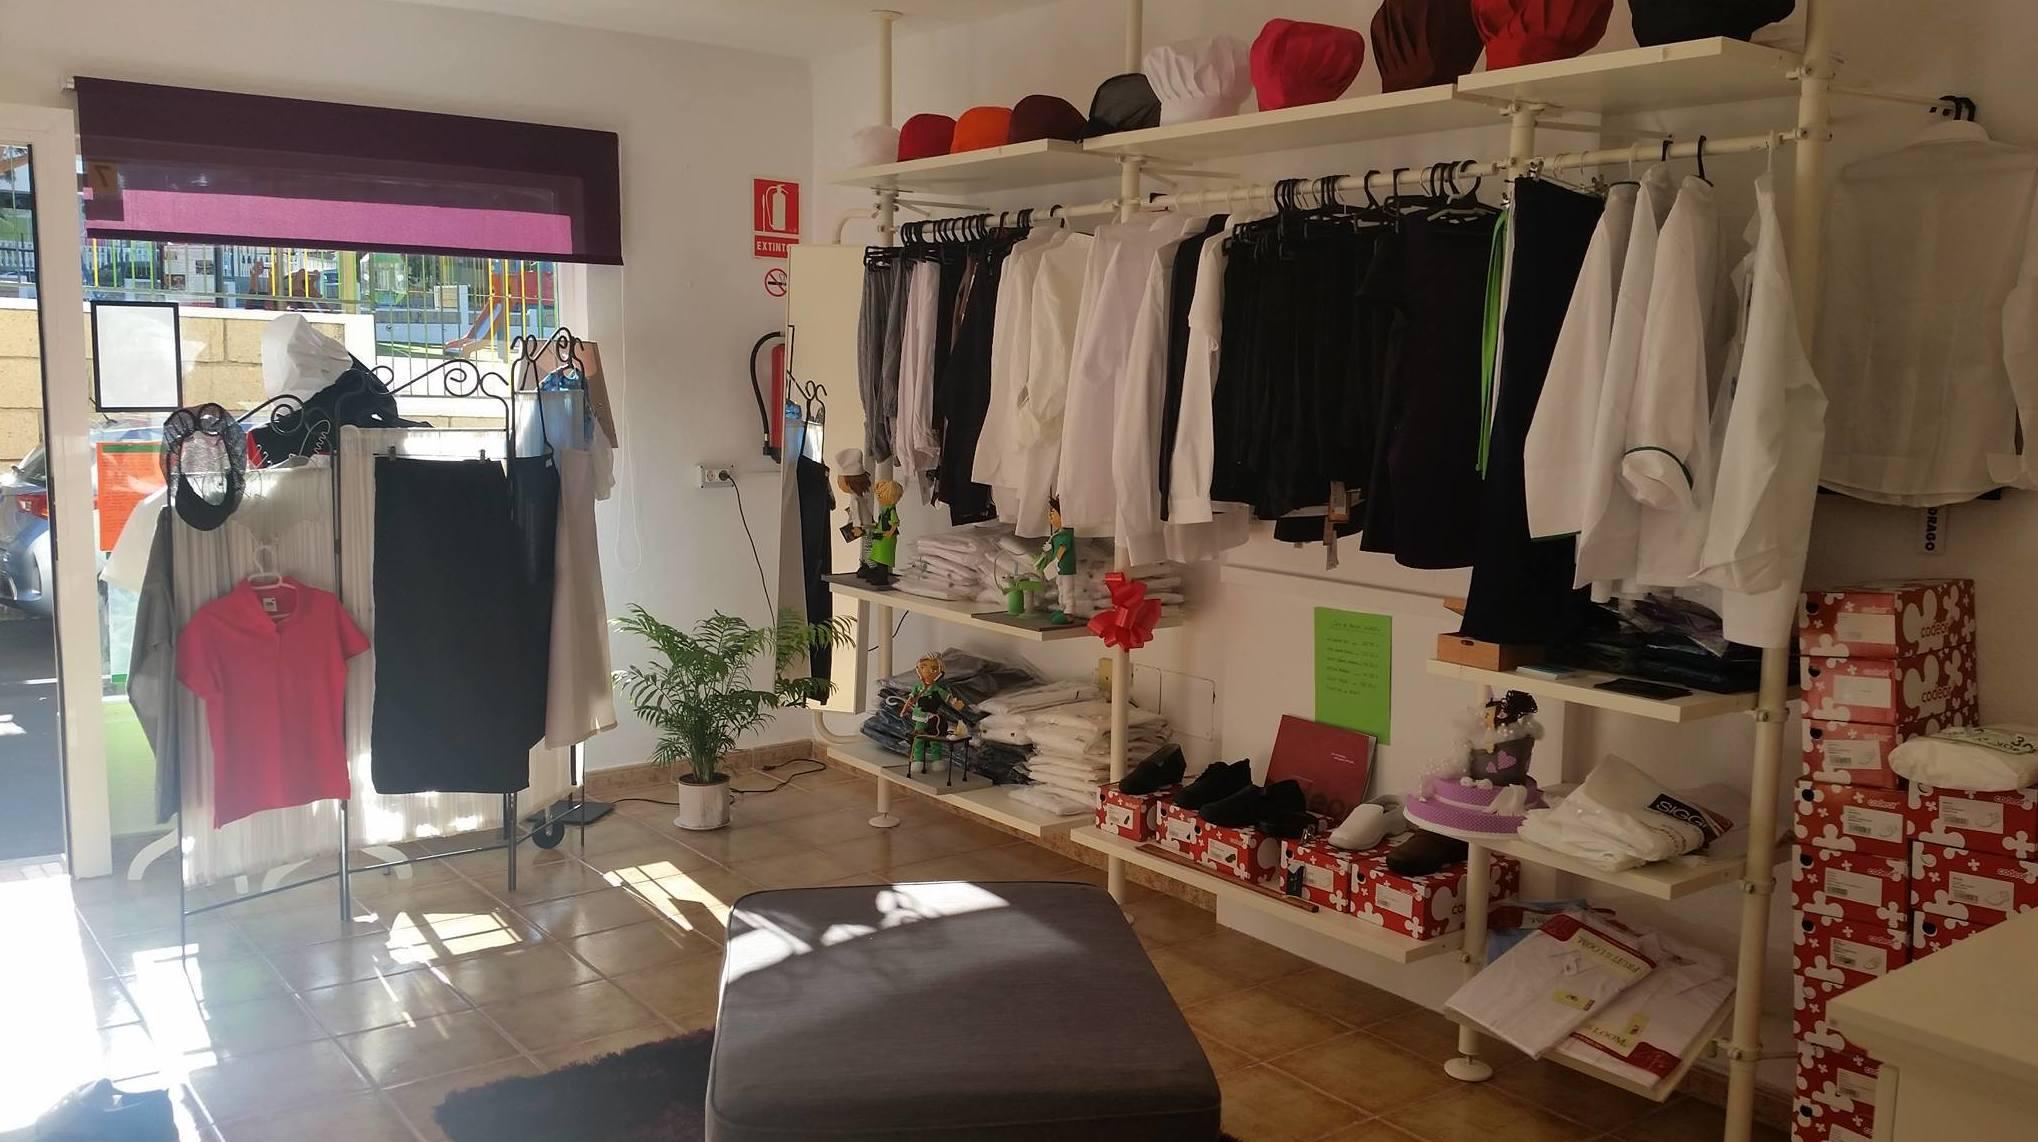 Tienda de uniformes para la hostelería y otras áreas en Tenerife